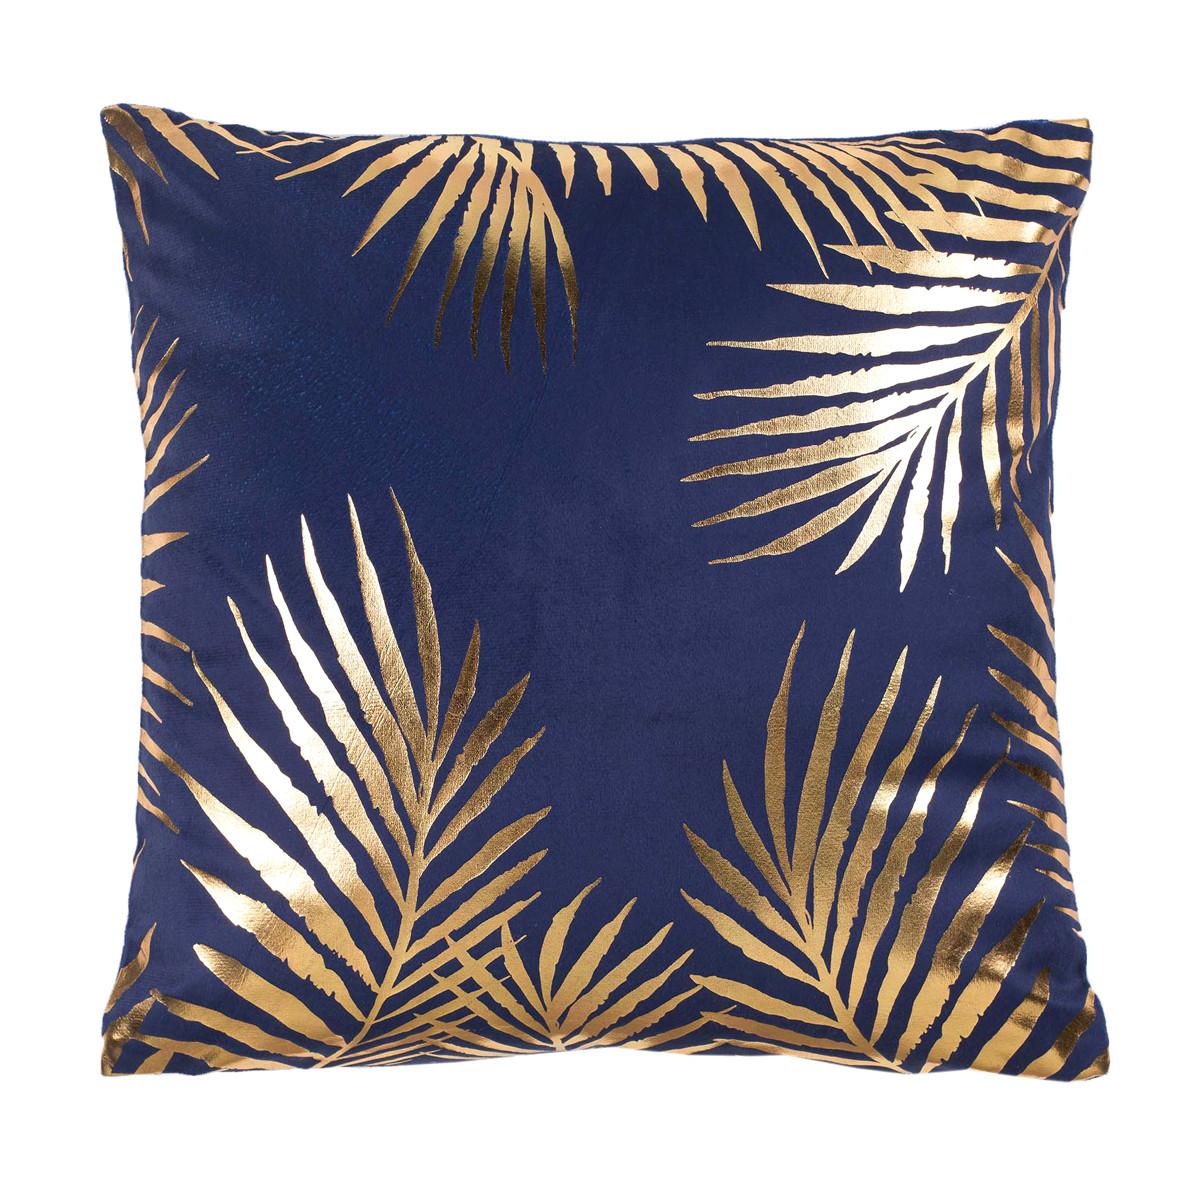 Διακοσμητική Μαξιλαροθήκη Palmaor Bleu 1607900